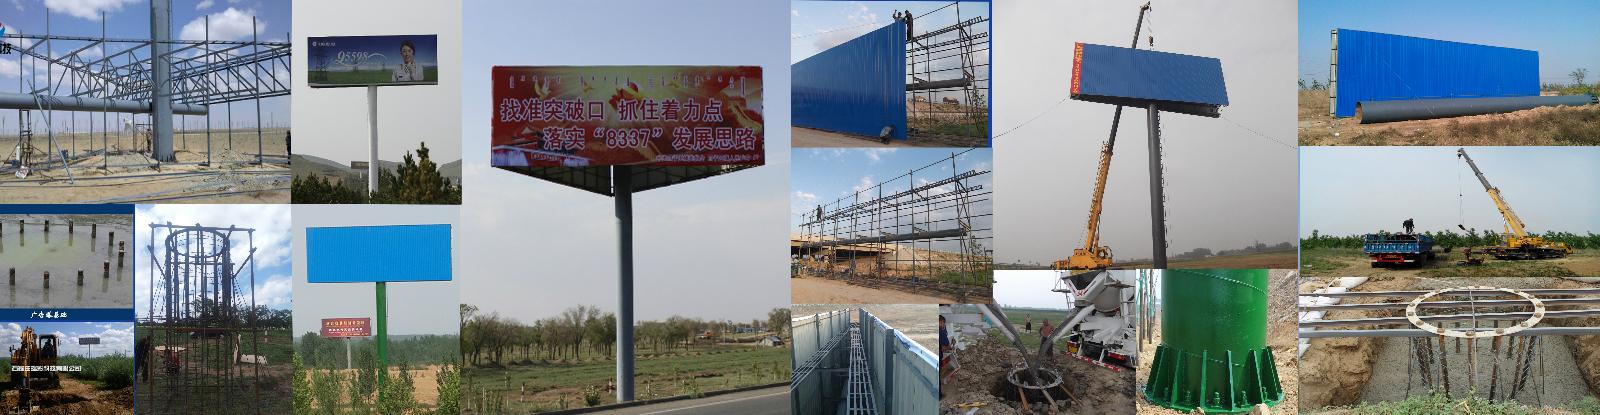 现已在全国各地施工千余处广告塔均分布在:河北